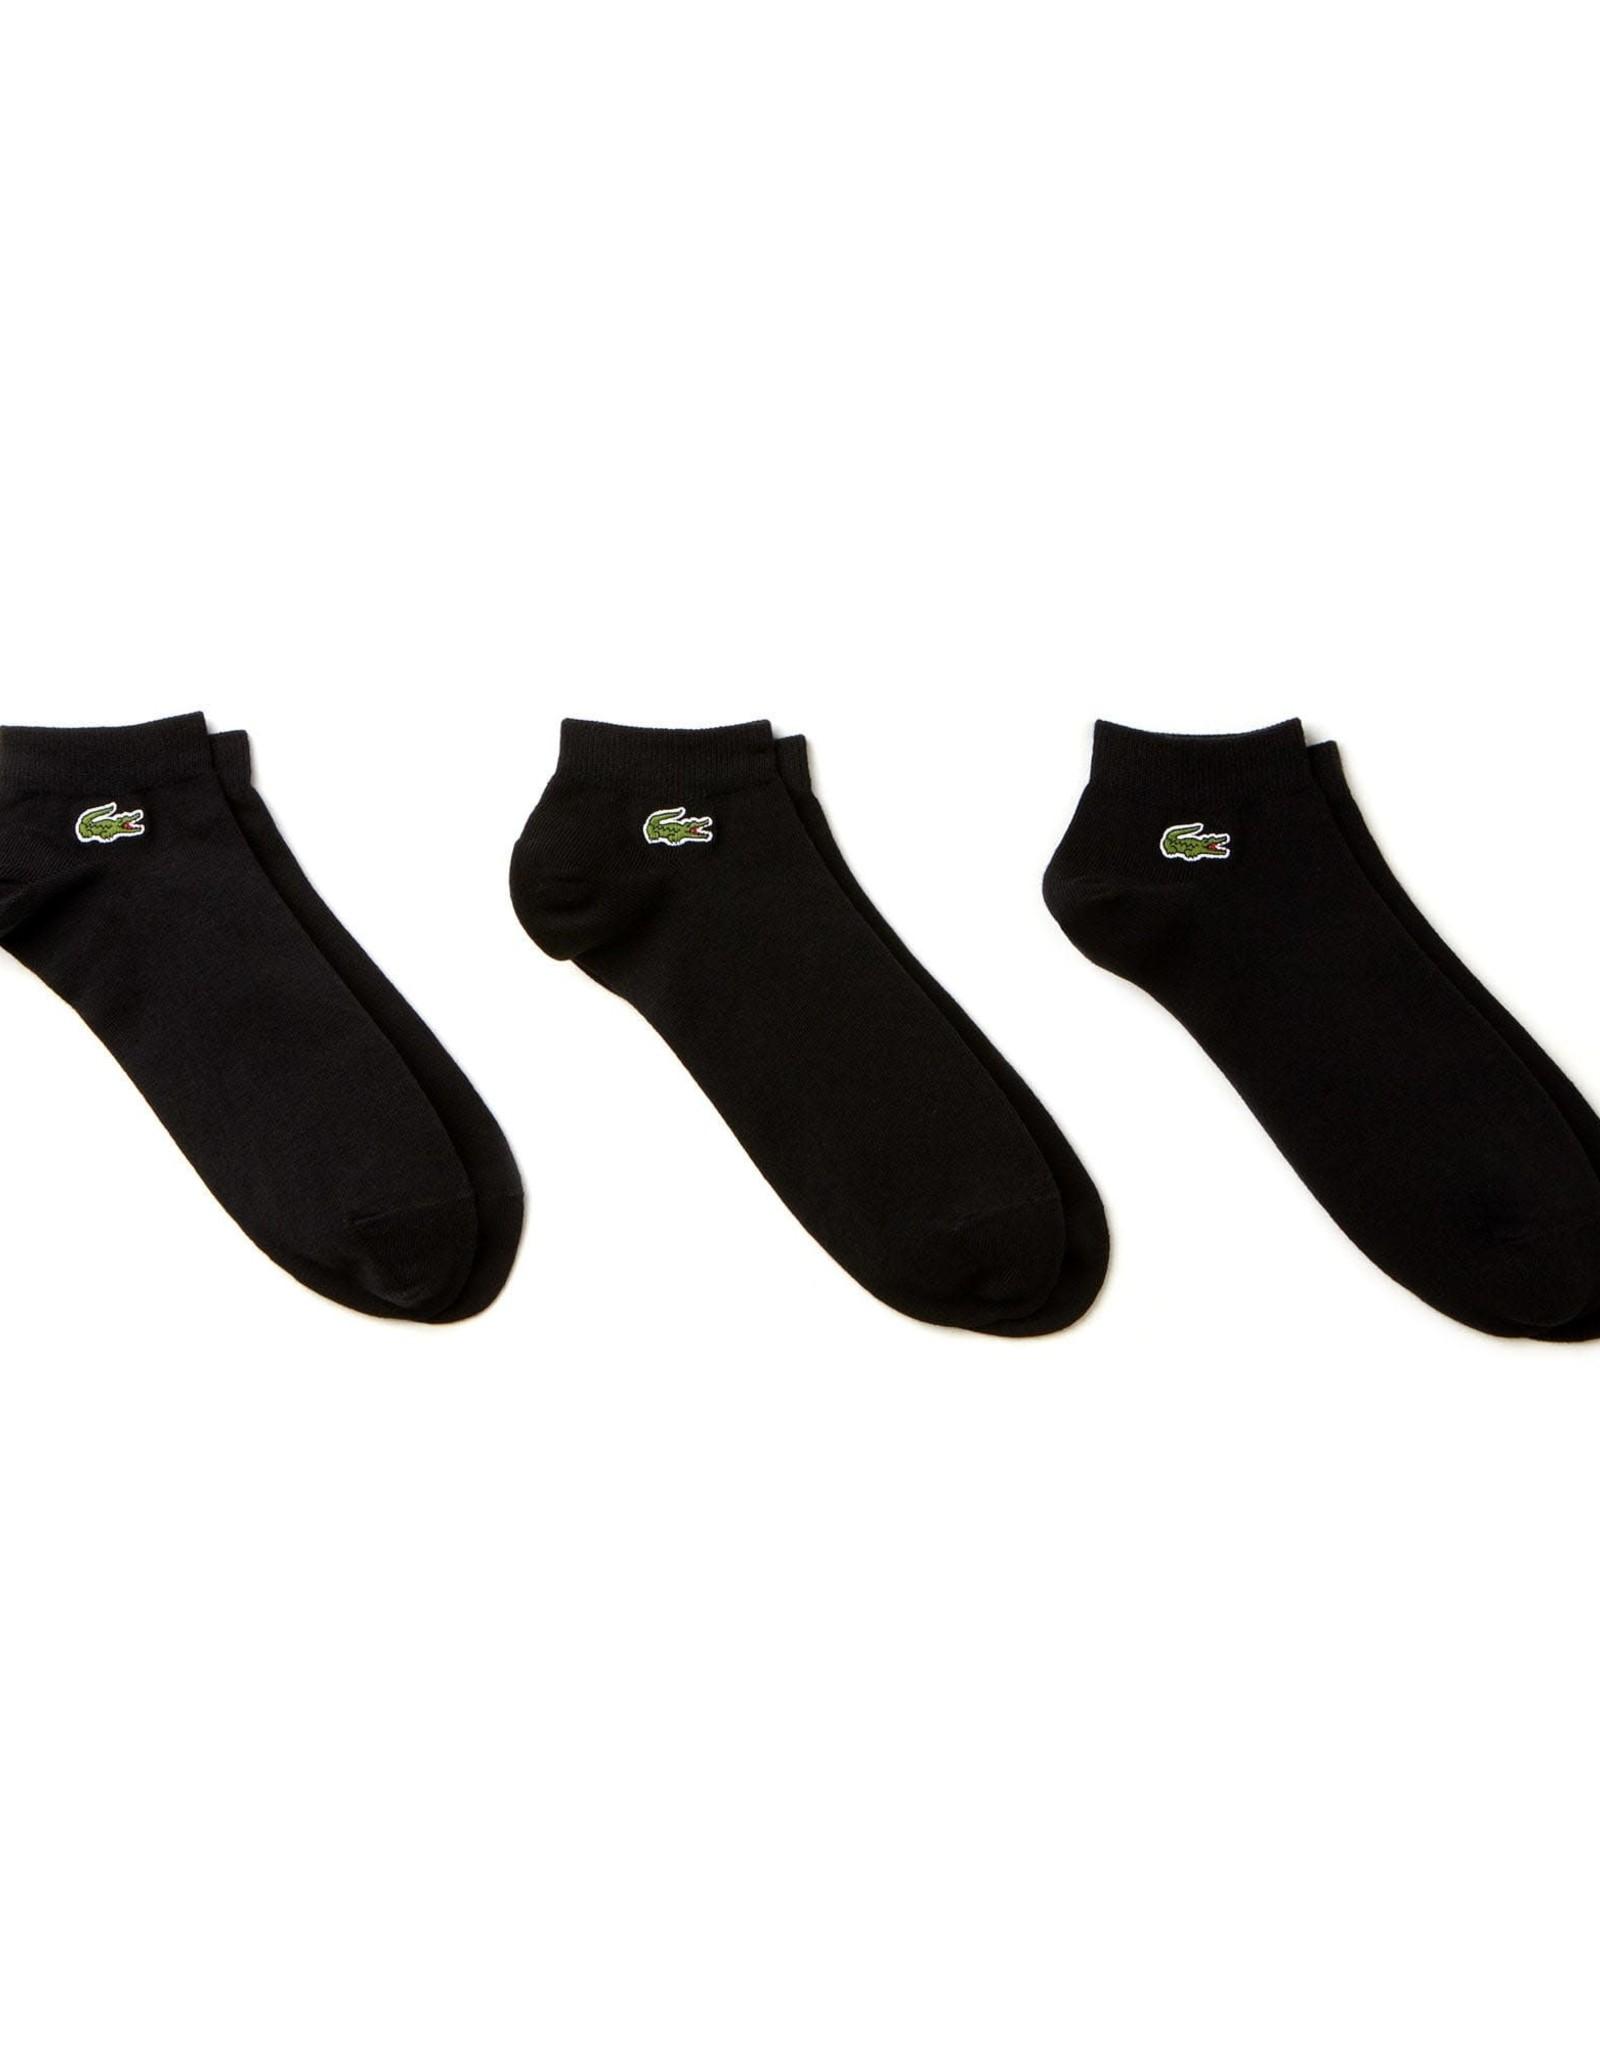 Lacoste BLK 3Pack Socks Lacoste